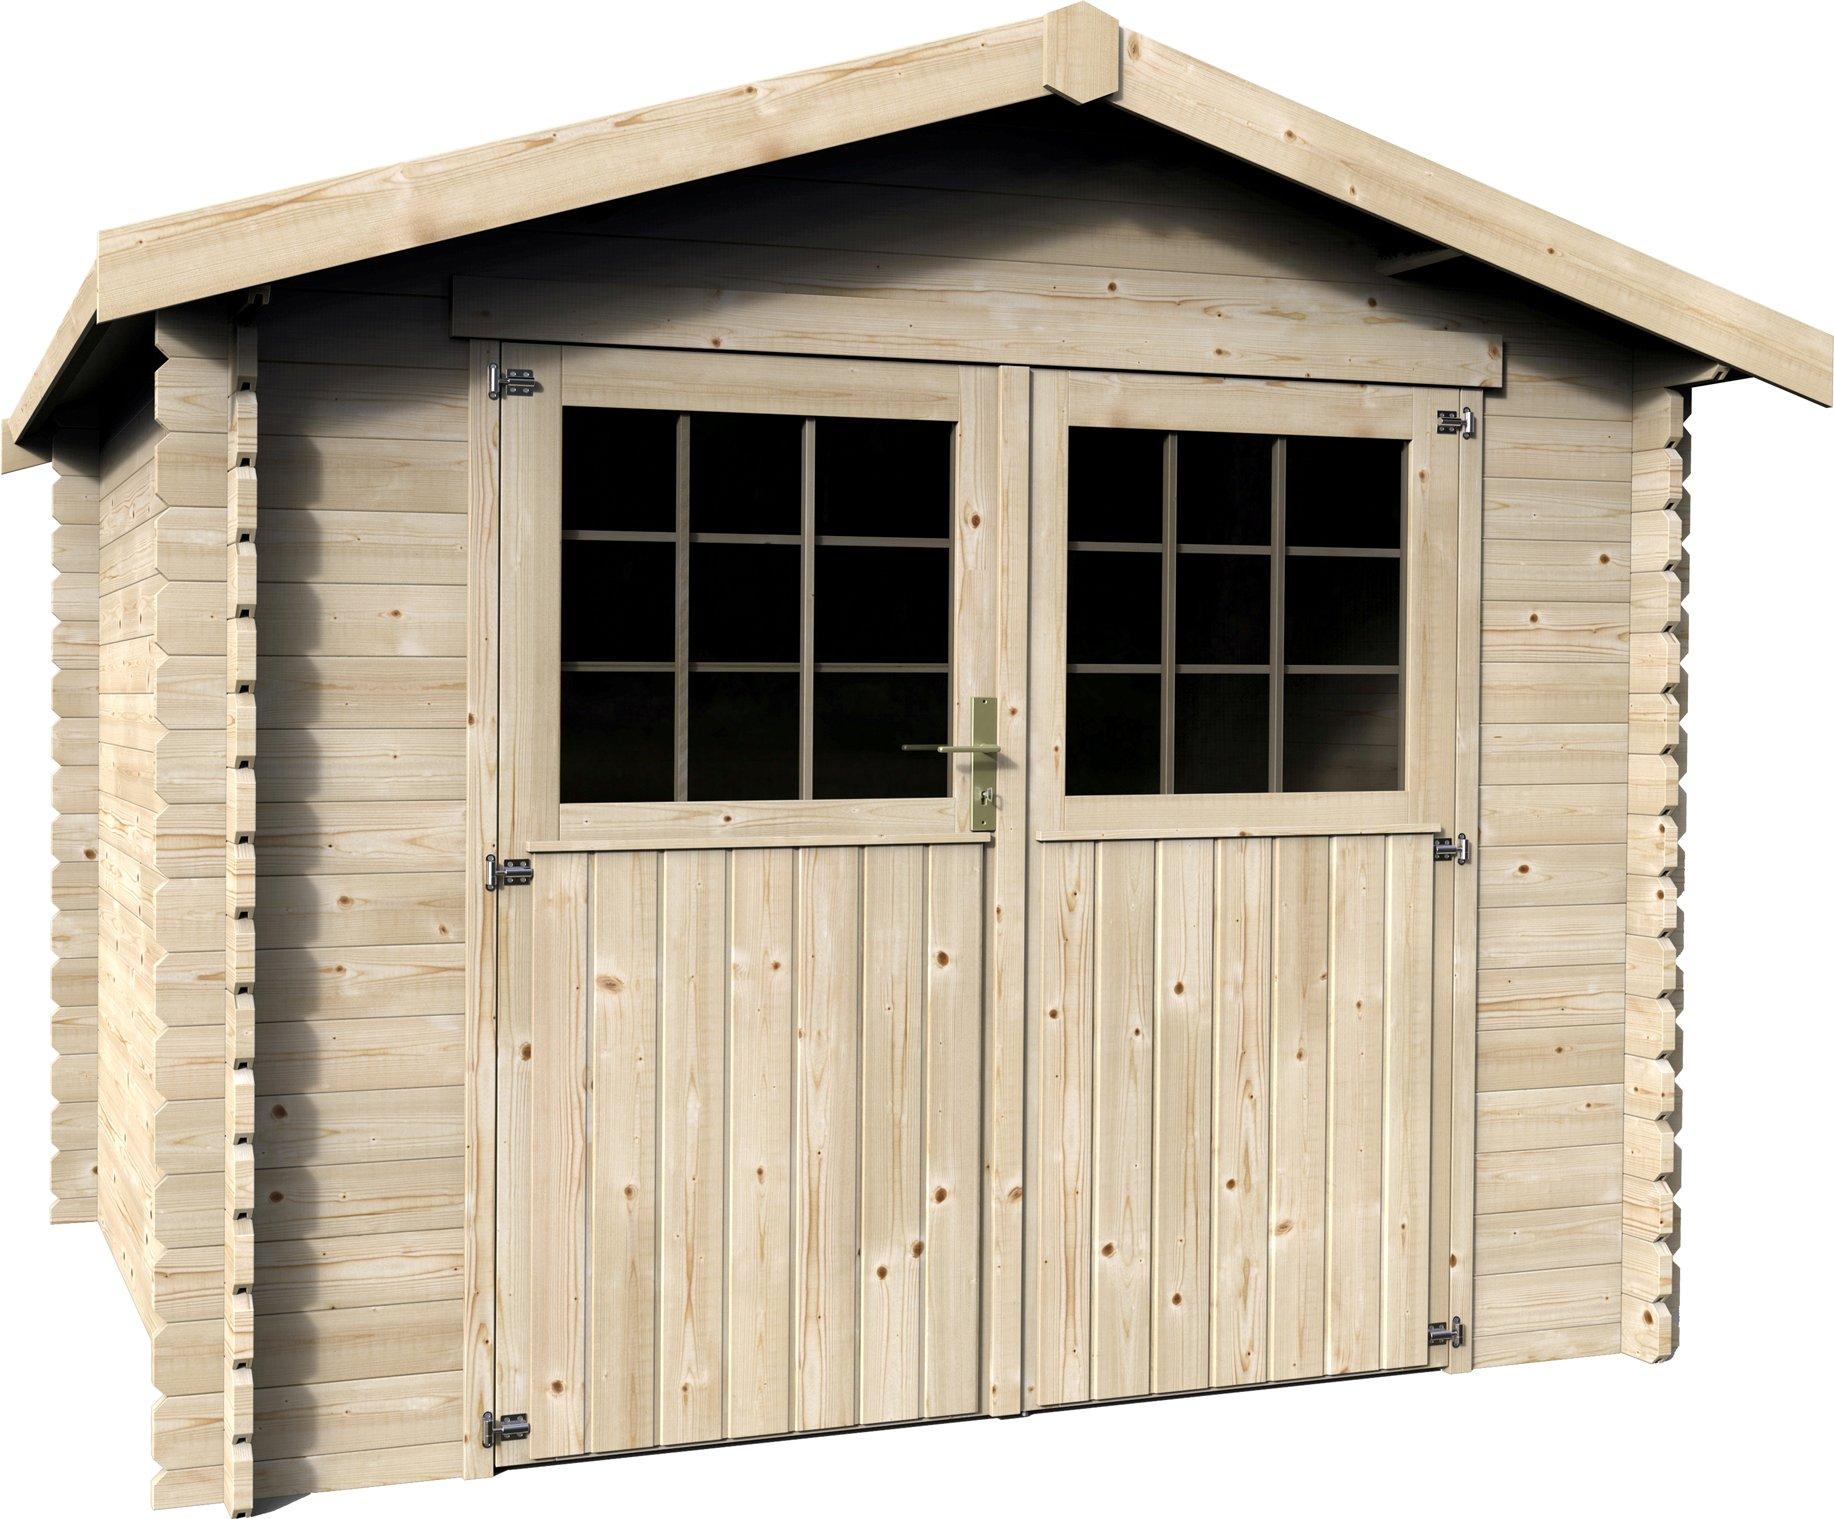 La casa del futuro green e sicura con un click cose di casa for Tapparelle in legno leroy merlin